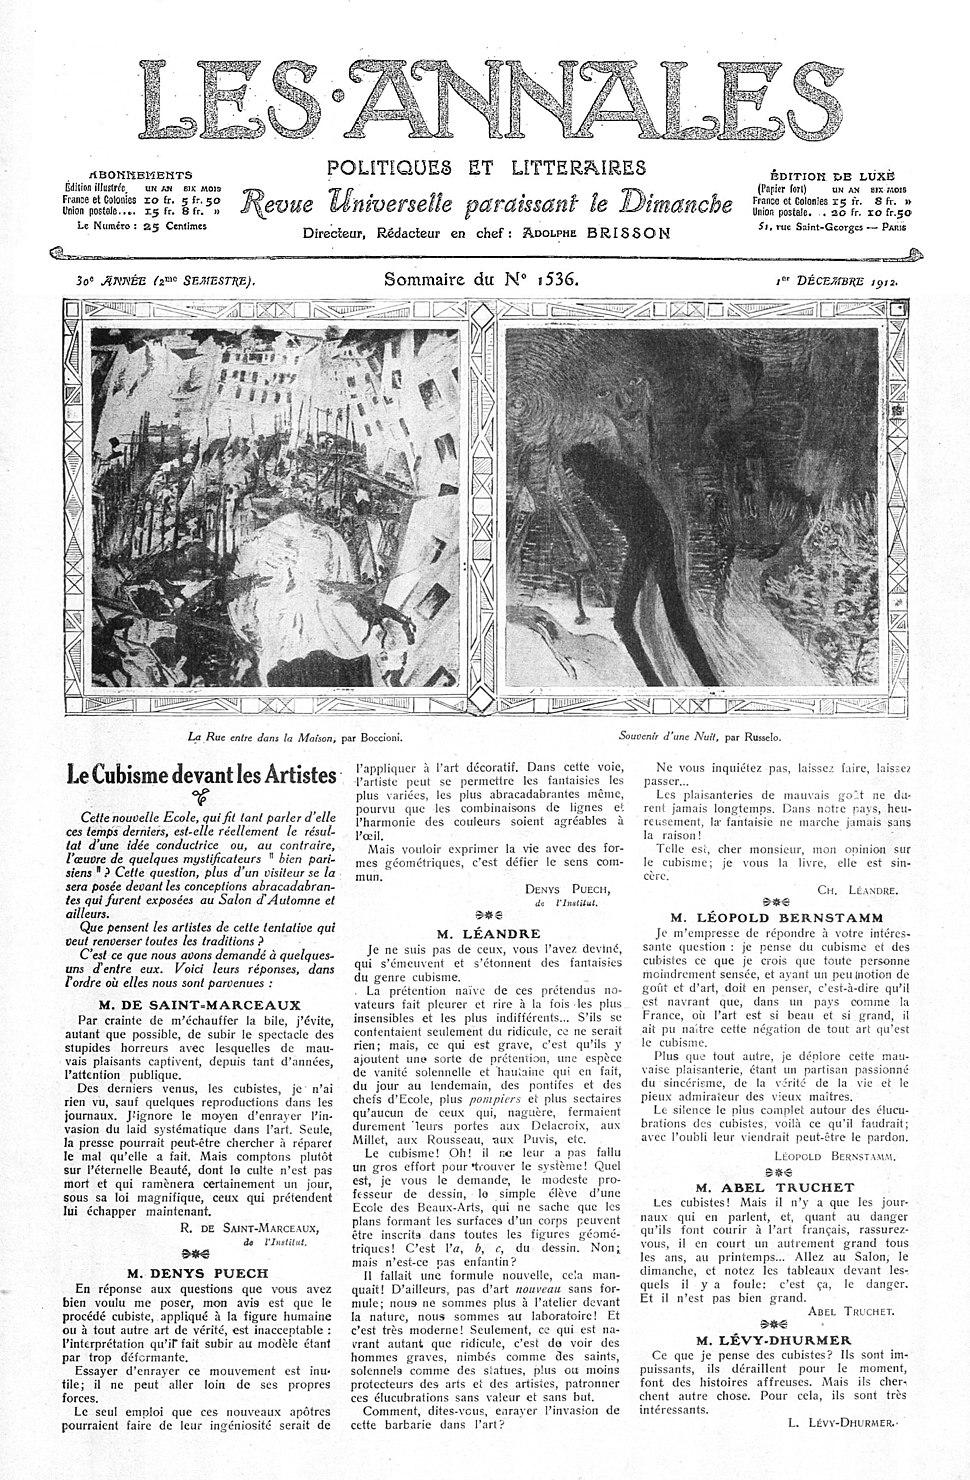 Umberto Boccioni (La rue entre dans la maison), Luigi Russolo (Souvenir d'une nuit), Les Annales politiques et littéraires, 1 December 1912